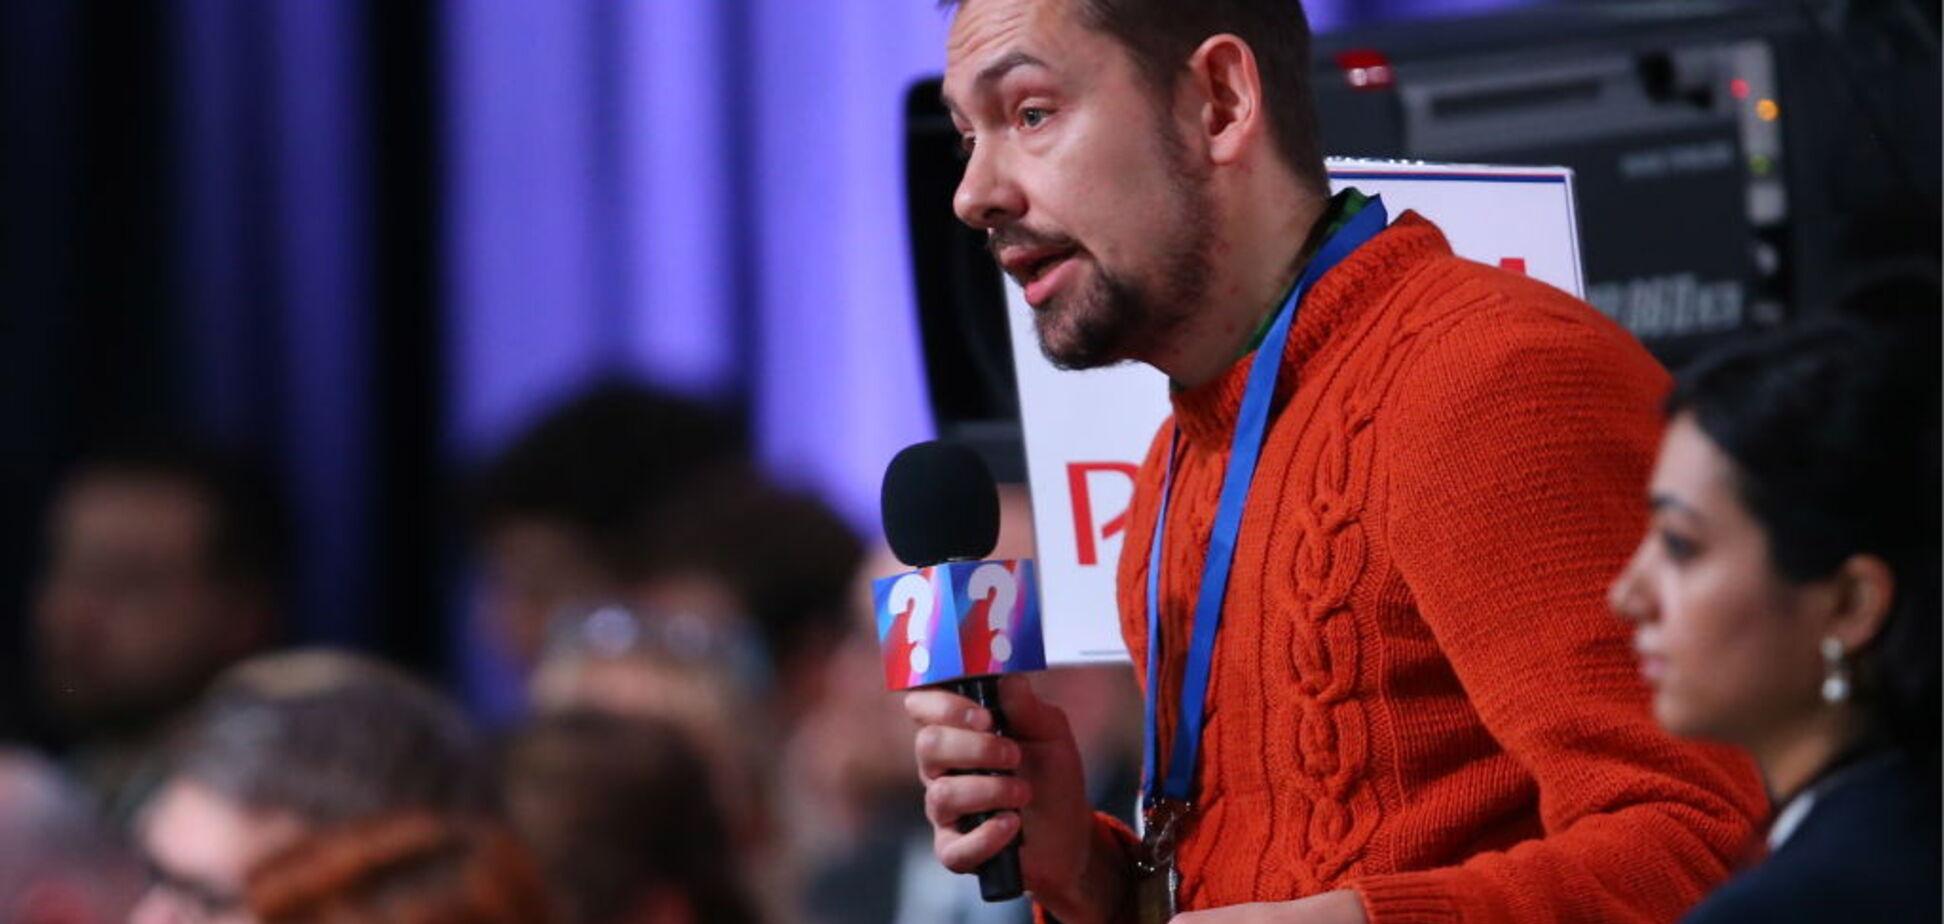 'Ваша страна убивает': на российском радио устроили спор с украинским журналистом